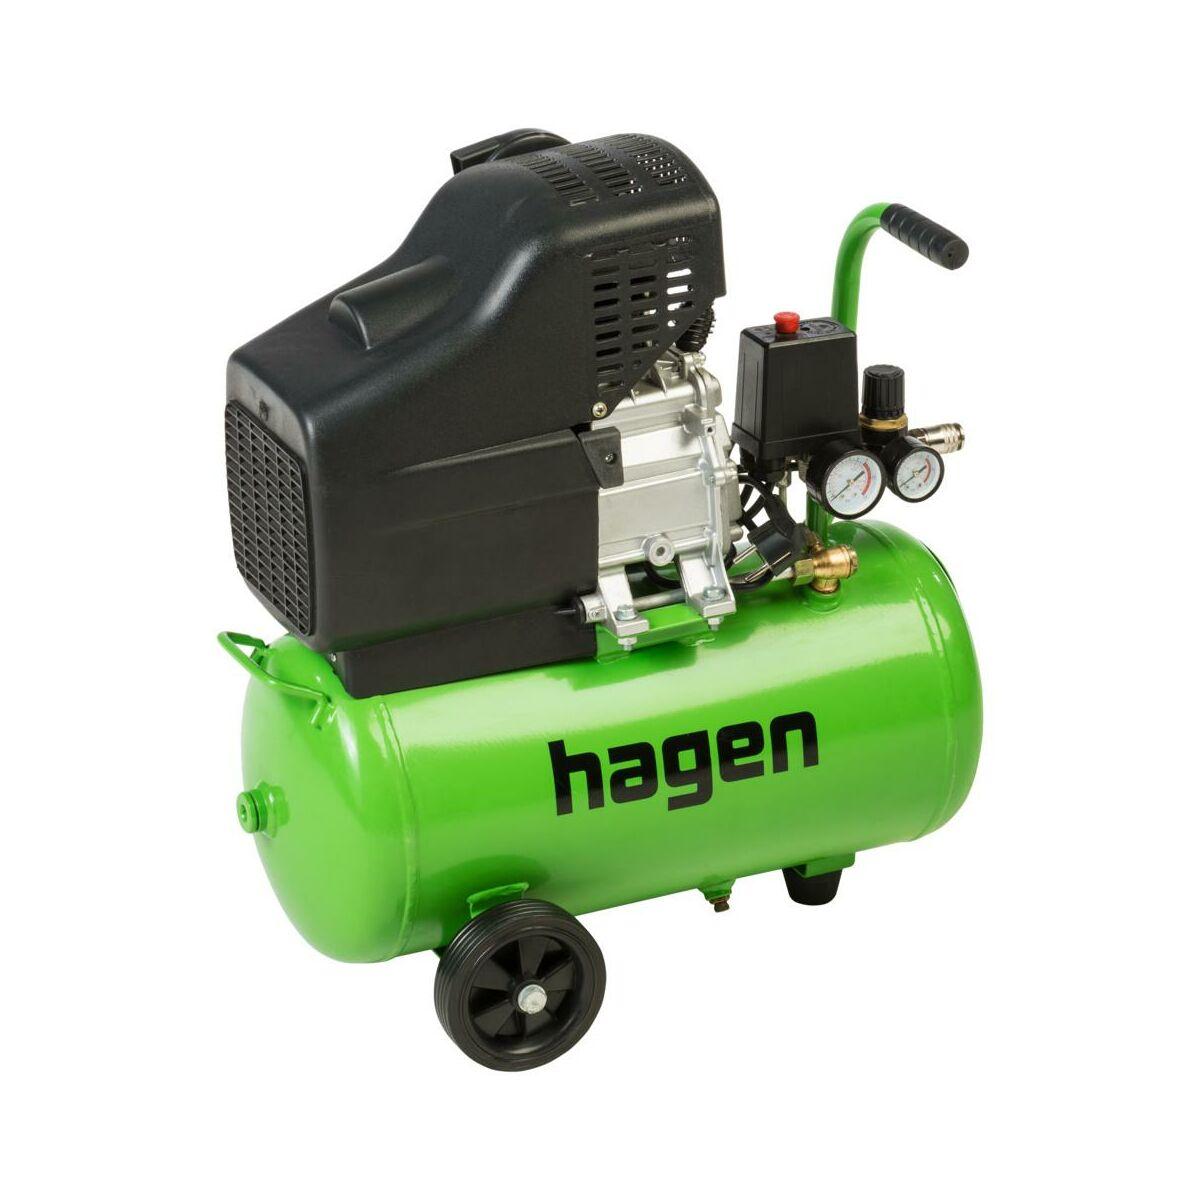 Kompresor Olejowy Hagen 24 L 8 Bar Ttdc24l Kompresory W Atrakcyjnej Cenie W Sklepach Leroy Merlin